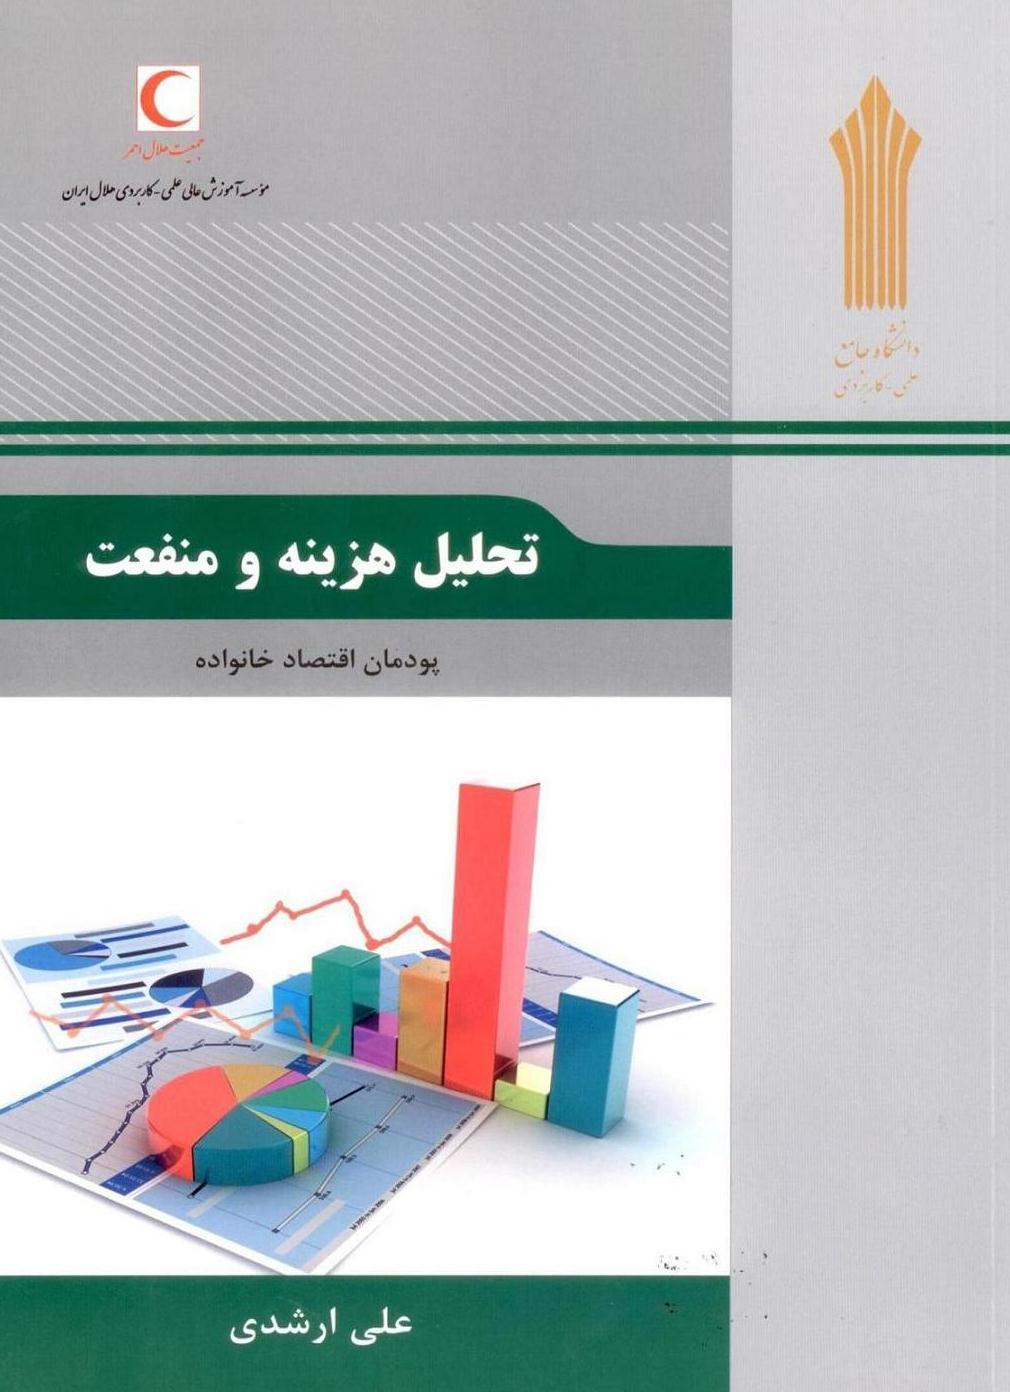 سوالات تستی کتاب تحليل هزينه و منفعت (پودمان اقتصاد خانواده)